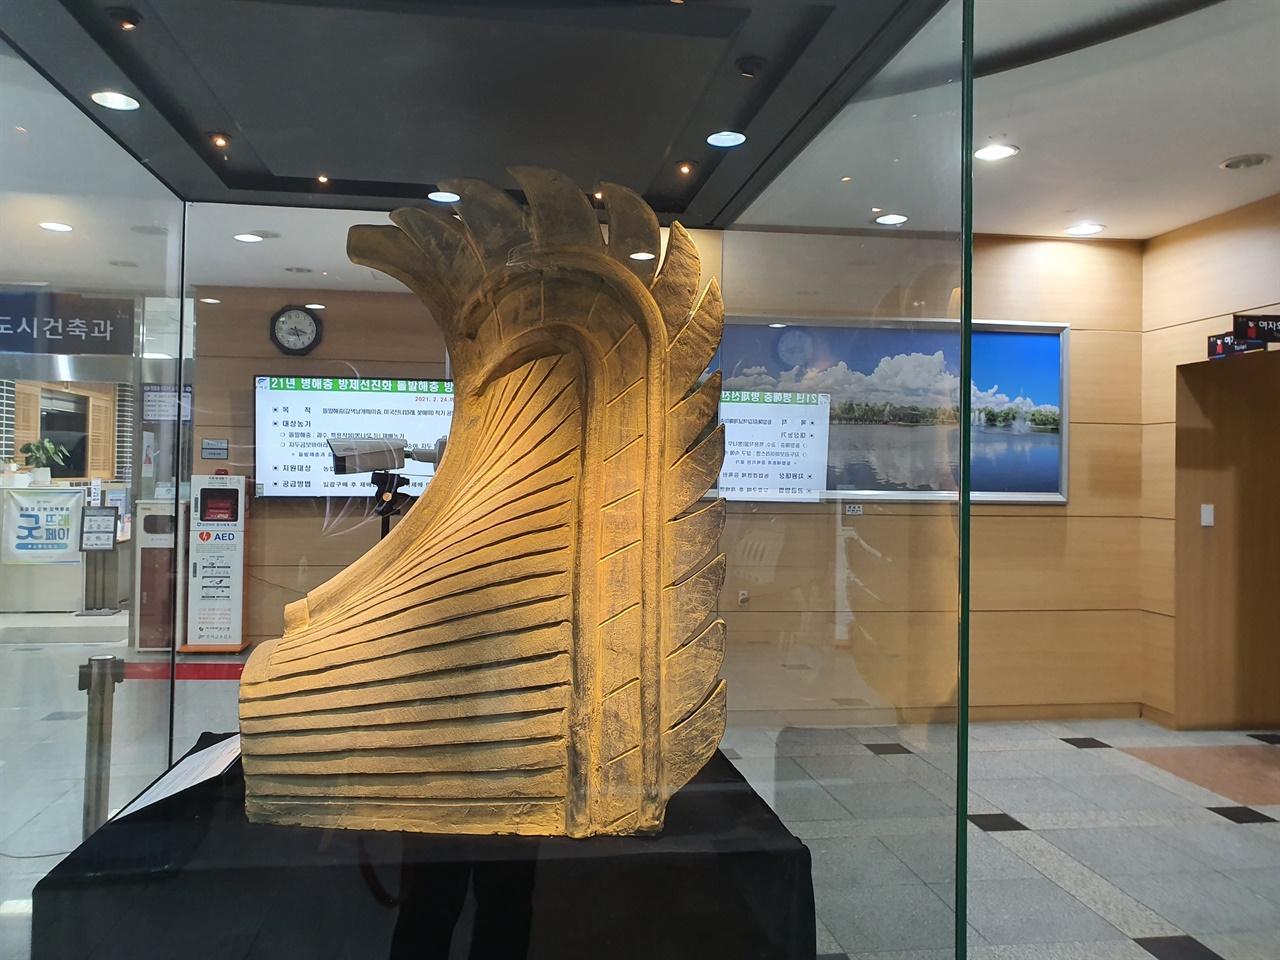 부소산 절터에서 발견된 치미  부여군 현관에 전시된 치미. 꼬리의 깃털이 섬세하고 역동적이다.  3D 기술이라해도 믿을 정도로 하이테크하다.